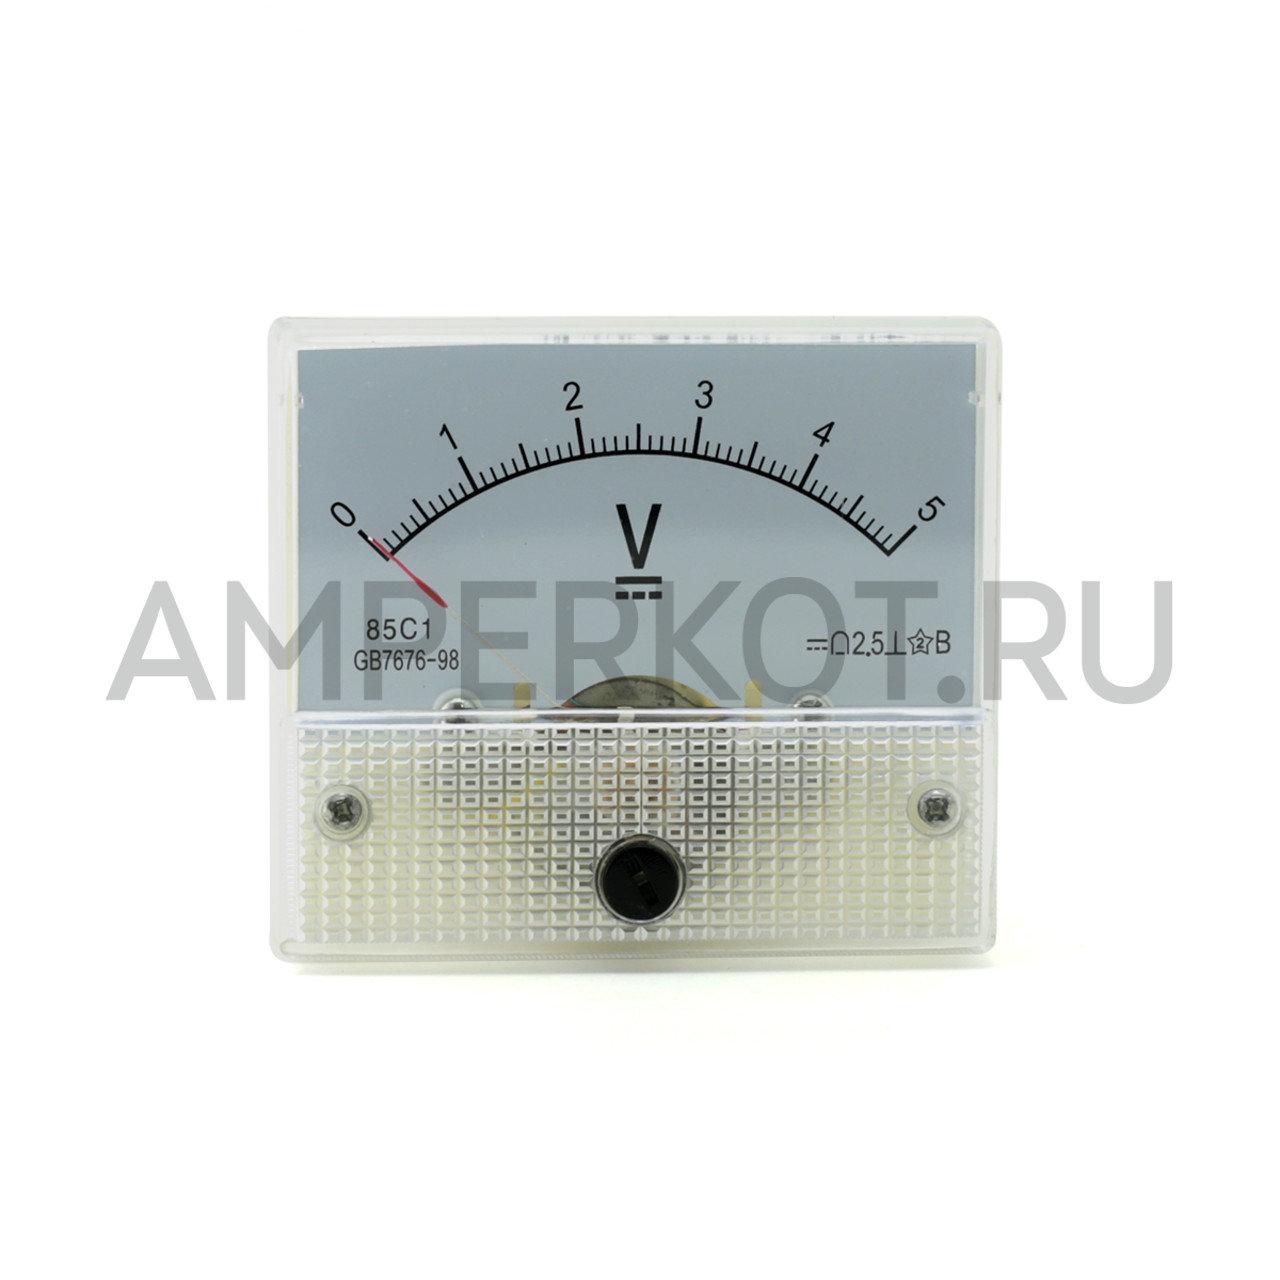 Аналоговый вольтметр 85C1 5V